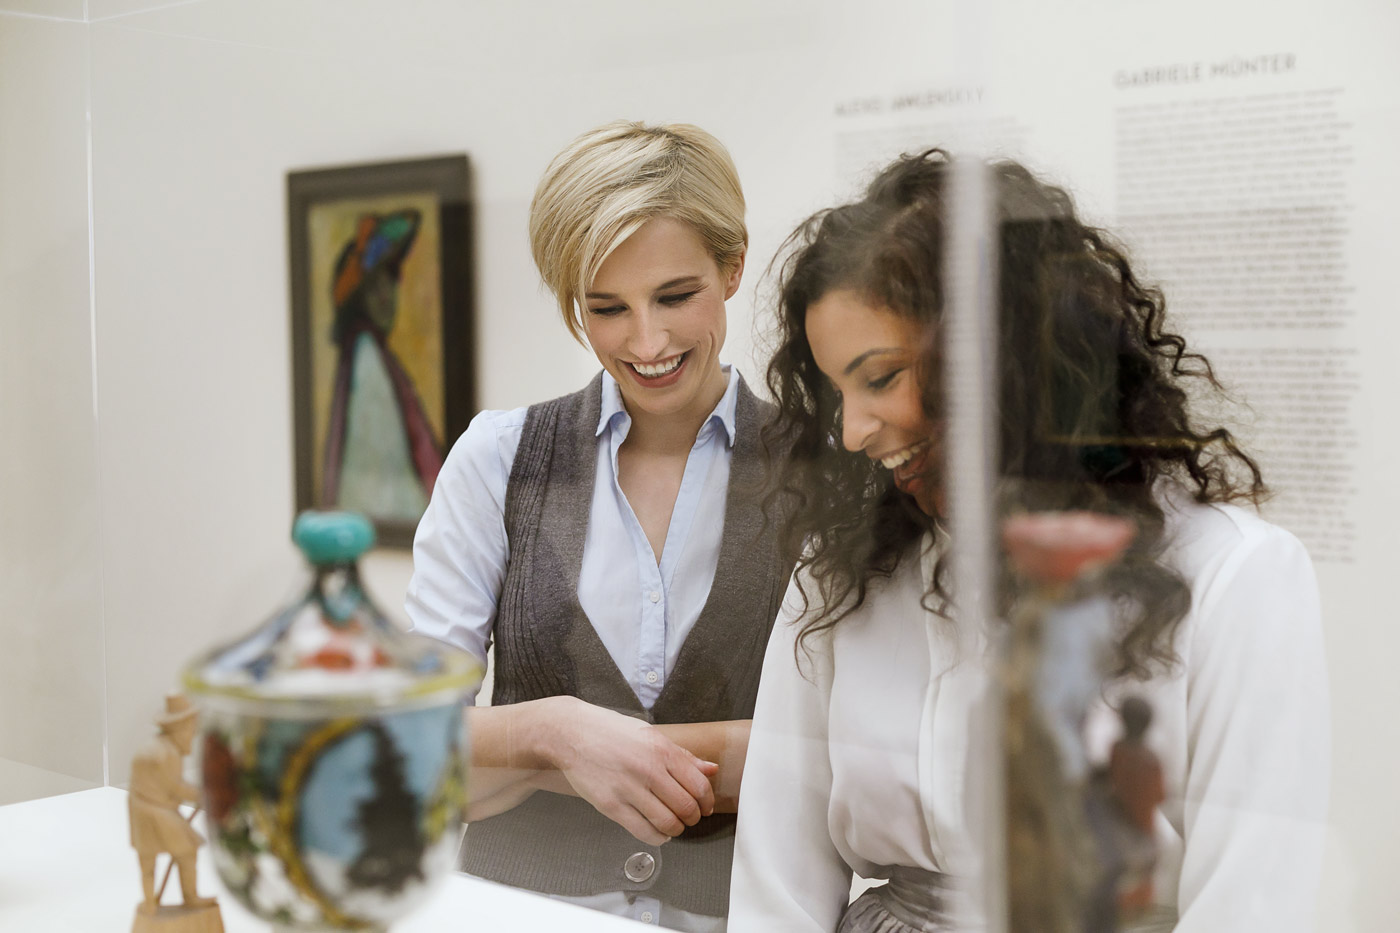 junge Frauen beim Betrachten von Kunstwerken